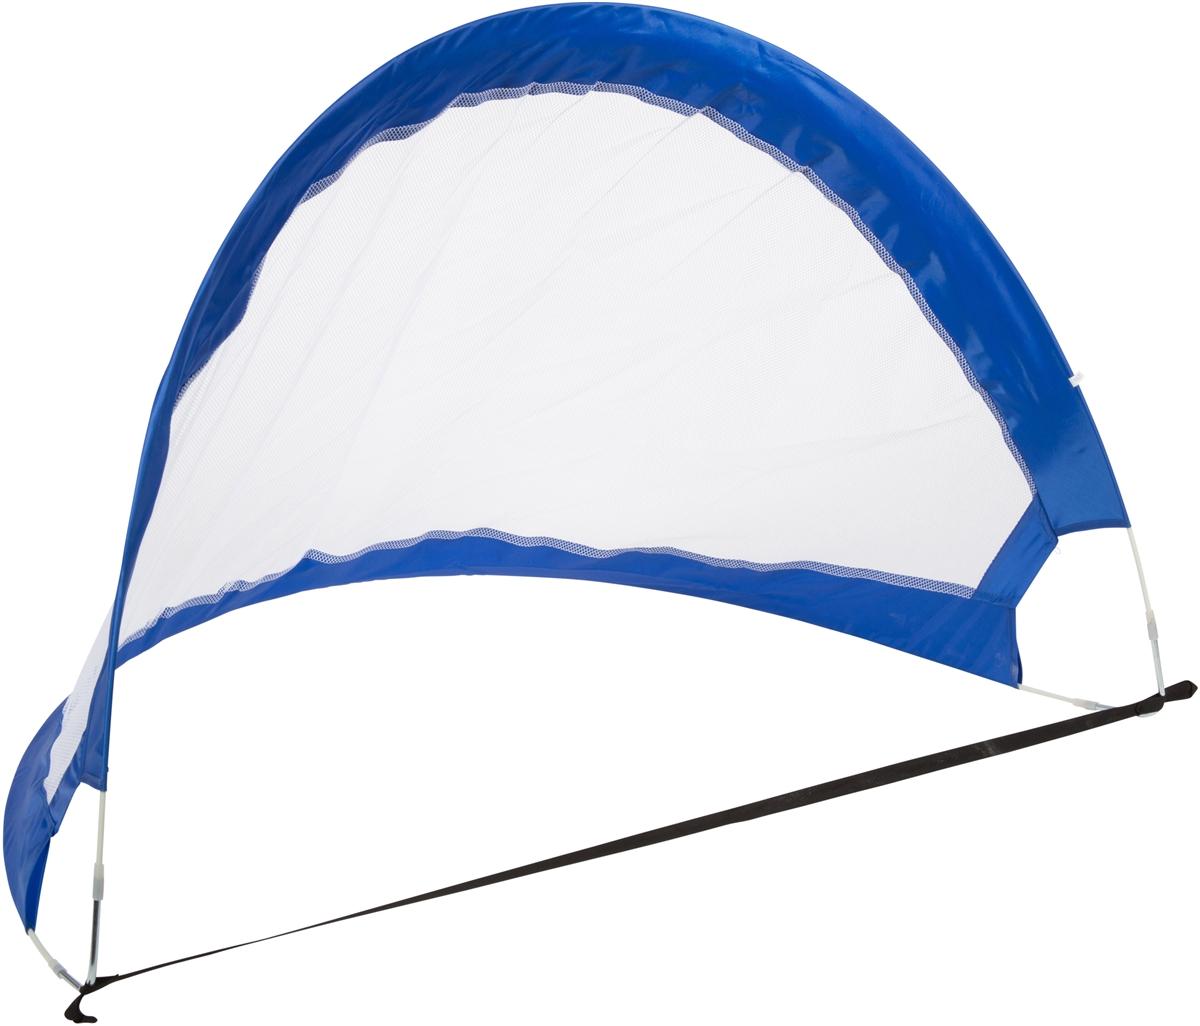 portable trainer pop up goal 6 ft soccer sports goal by. Black Bedroom Furniture Sets. Home Design Ideas